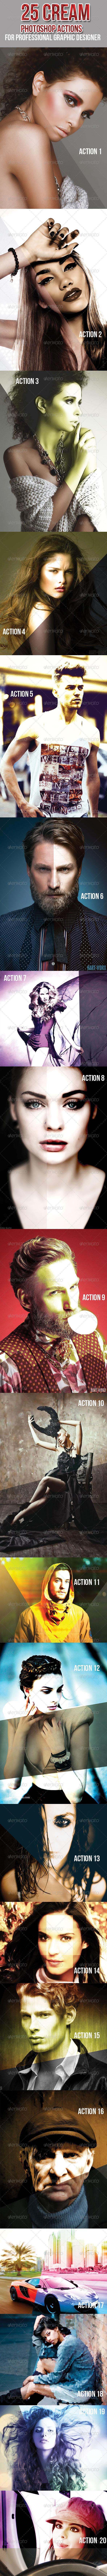 GraphicRiver 25 Cream Photoshop Actions 7965721